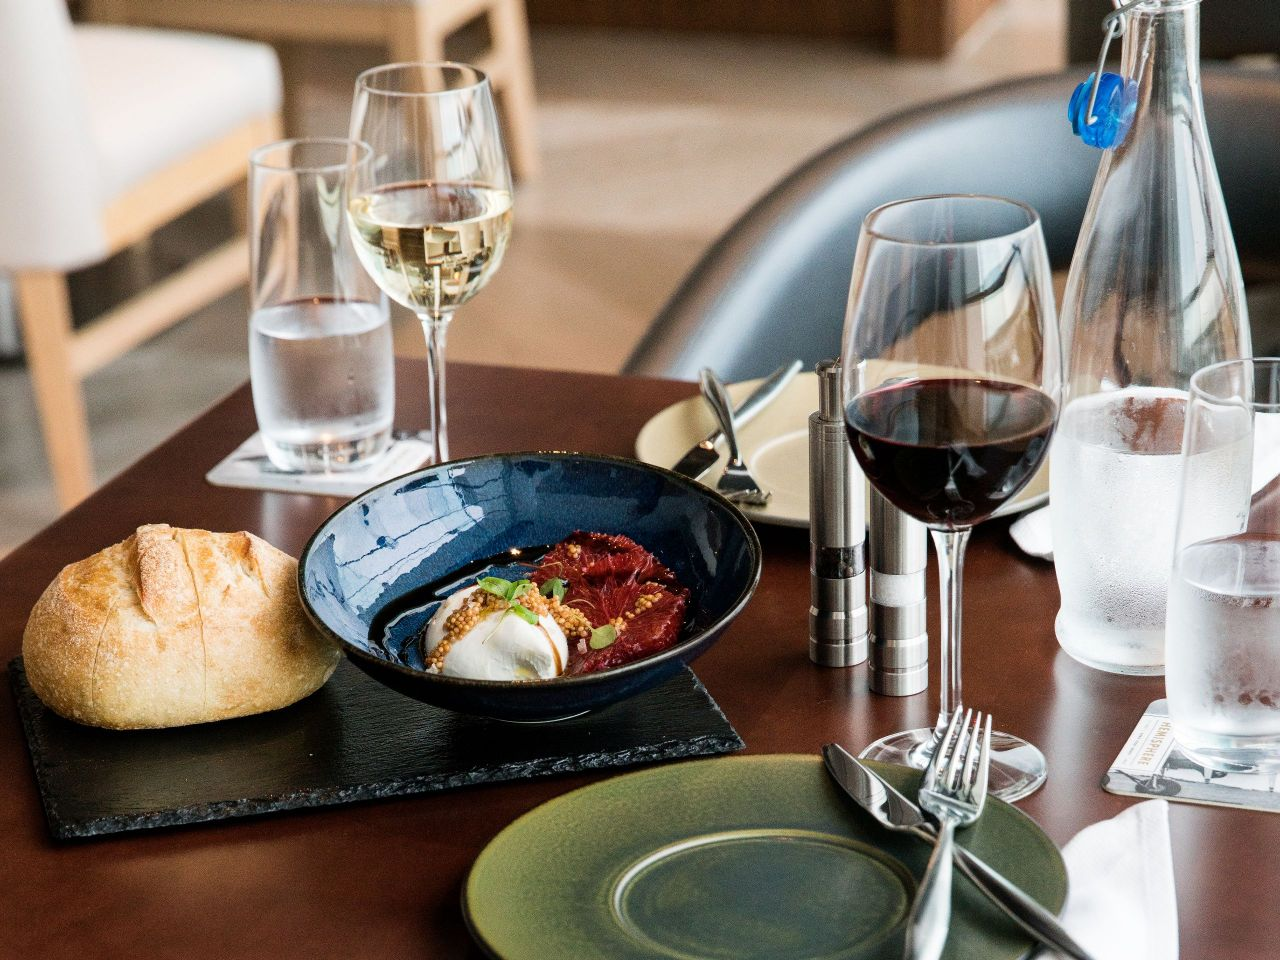 Hemisphere restaurant - Burrata mozzarella